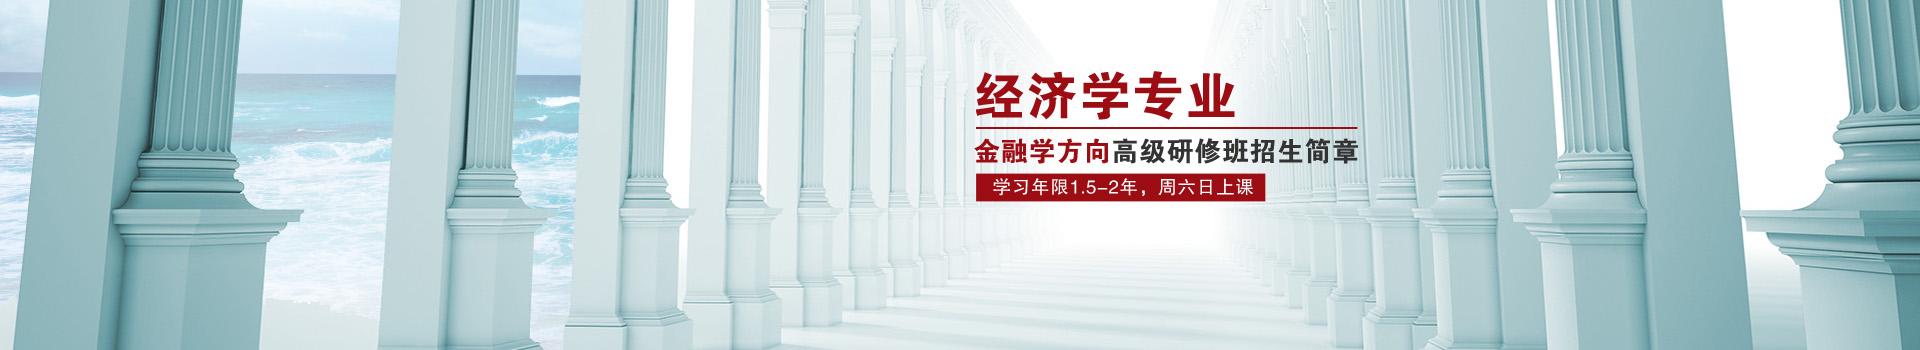 山东大学经济学专业(金融学方向)在职研究生招生简章